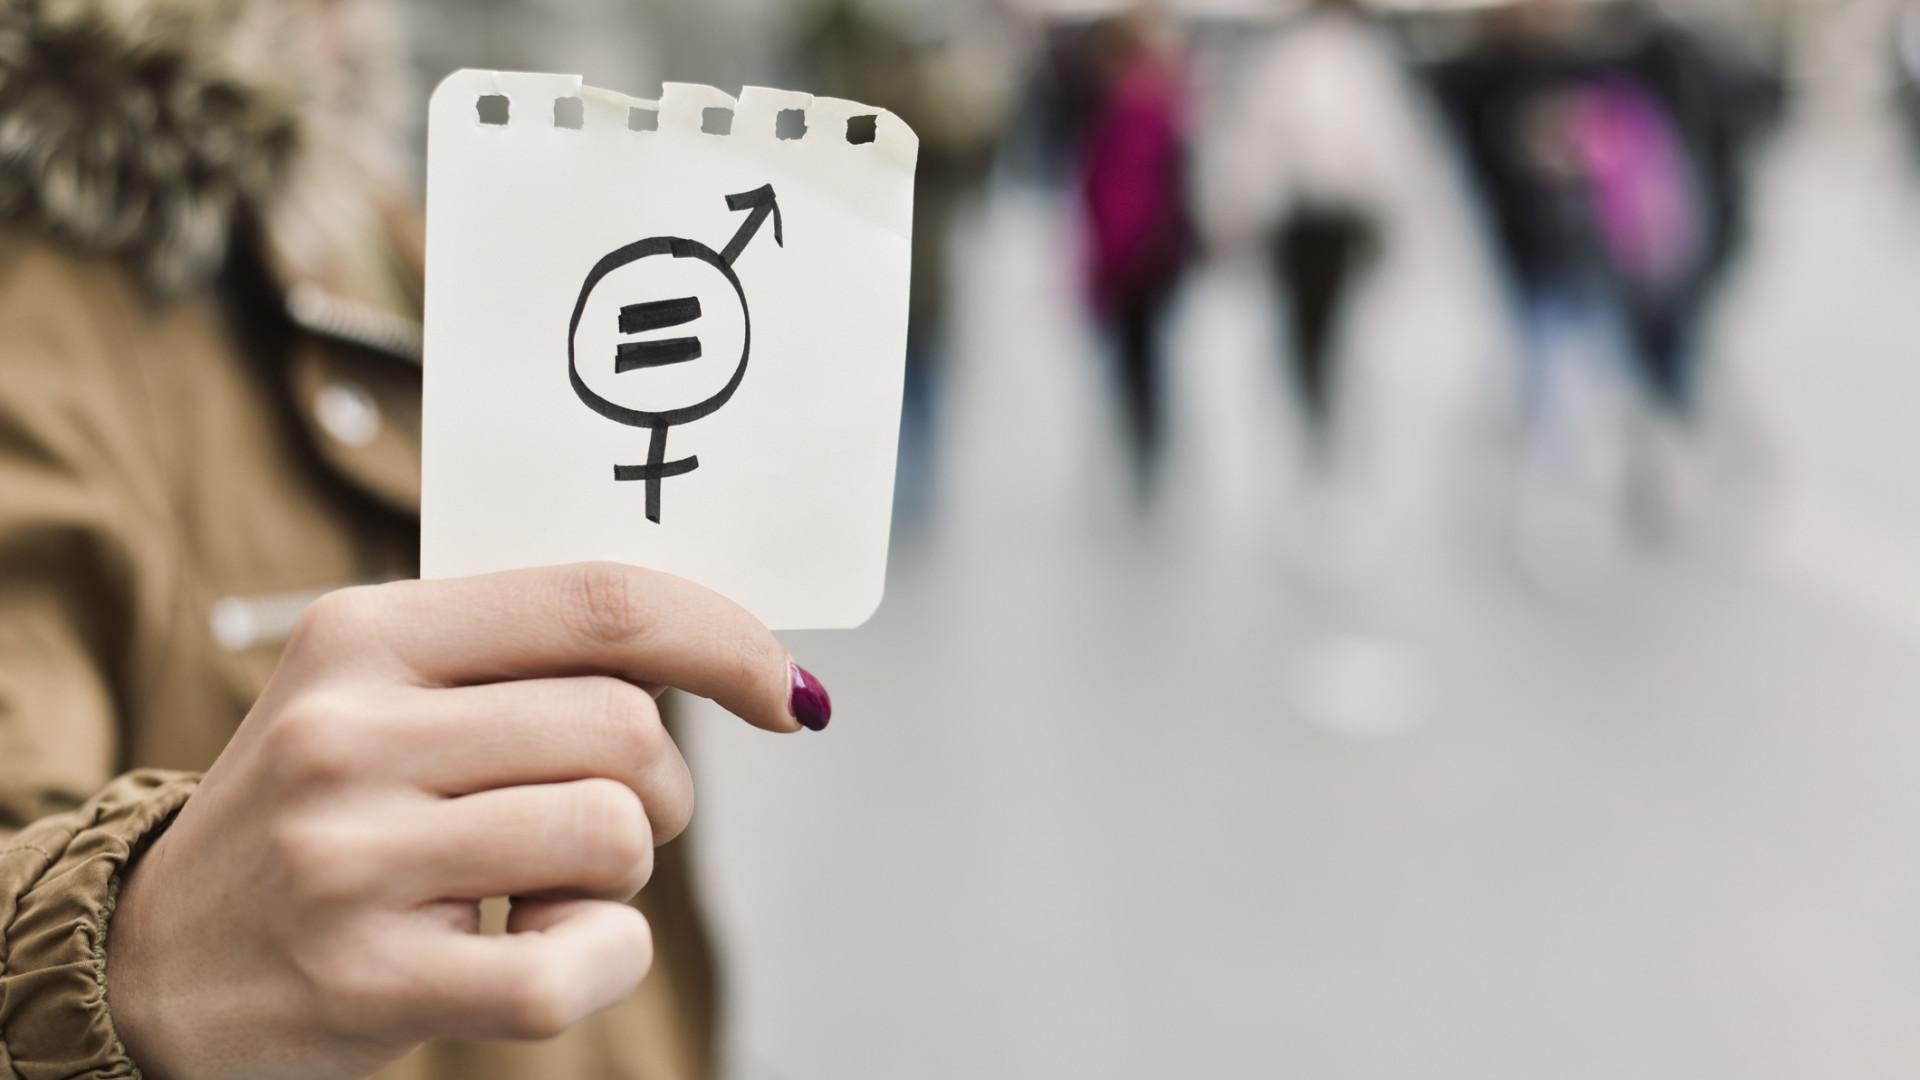 Construção de uma sociedade igualitária precisa do contributo dos homens